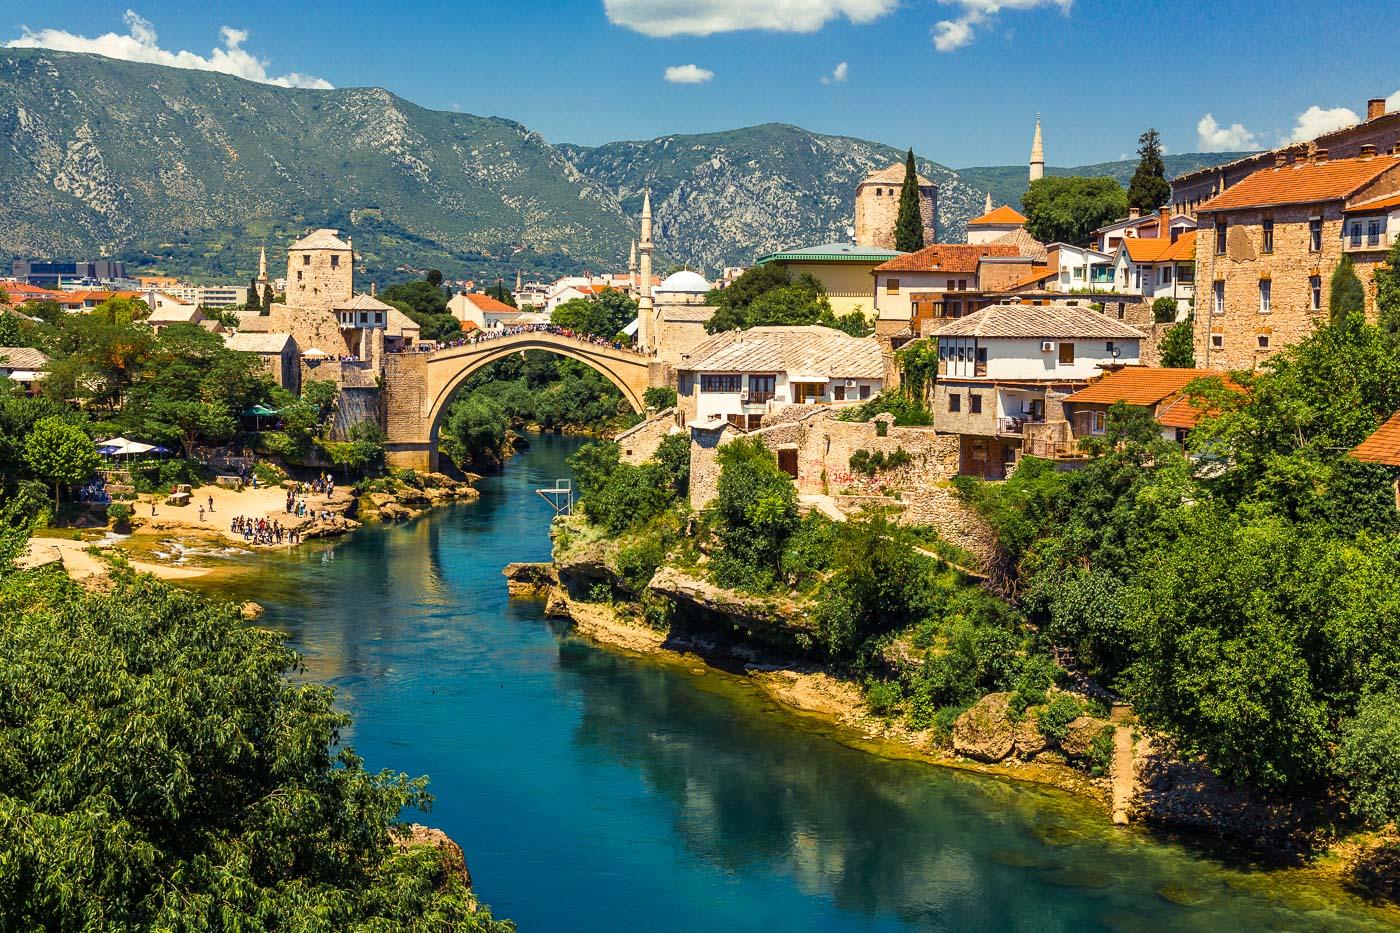 Reise_Balkan-9688.jpg